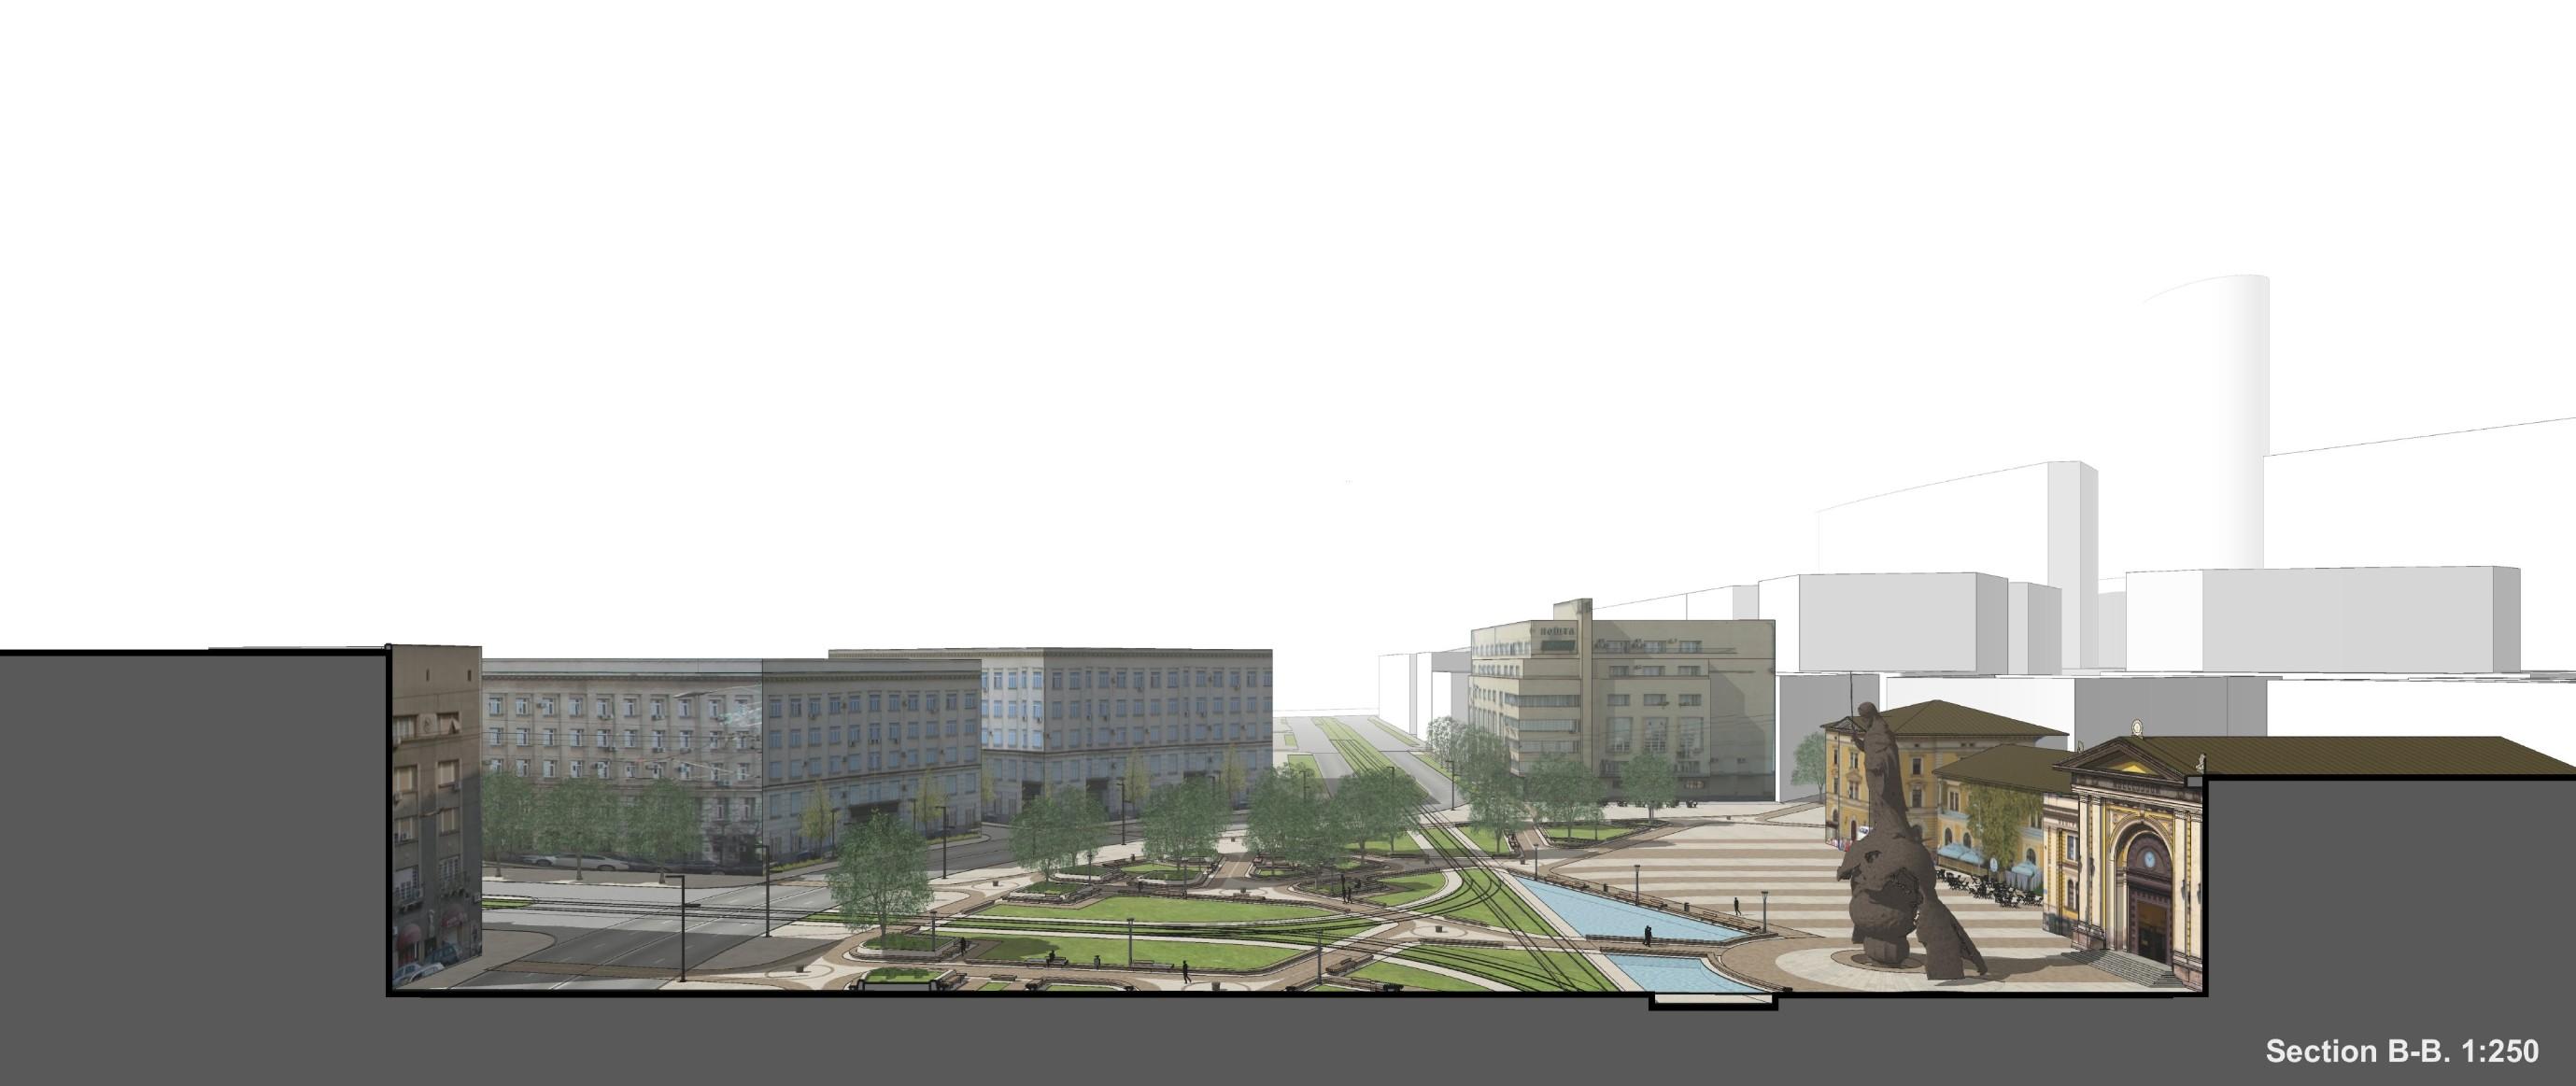 Saurus-Grad-Beograd-Konkurs-Savski trg-12